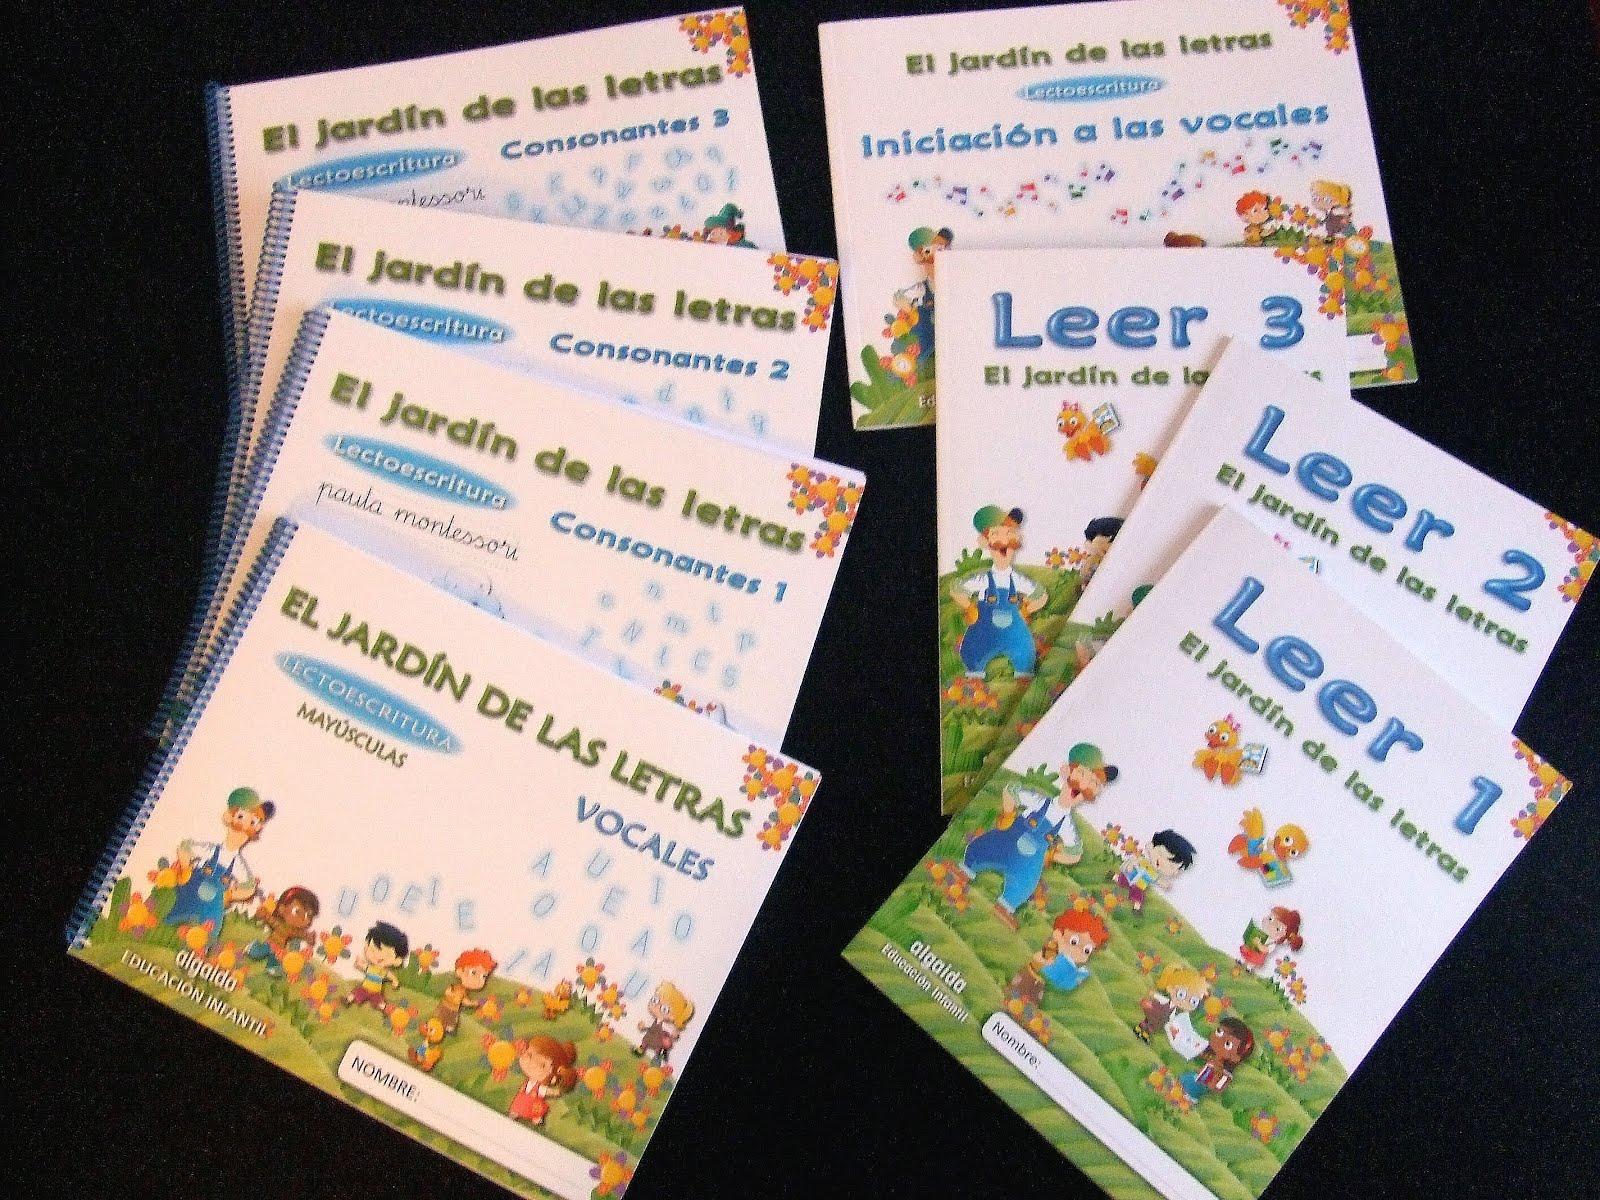 La domadora de cuentos el jard n de las letras algaida for El jardin de las letras